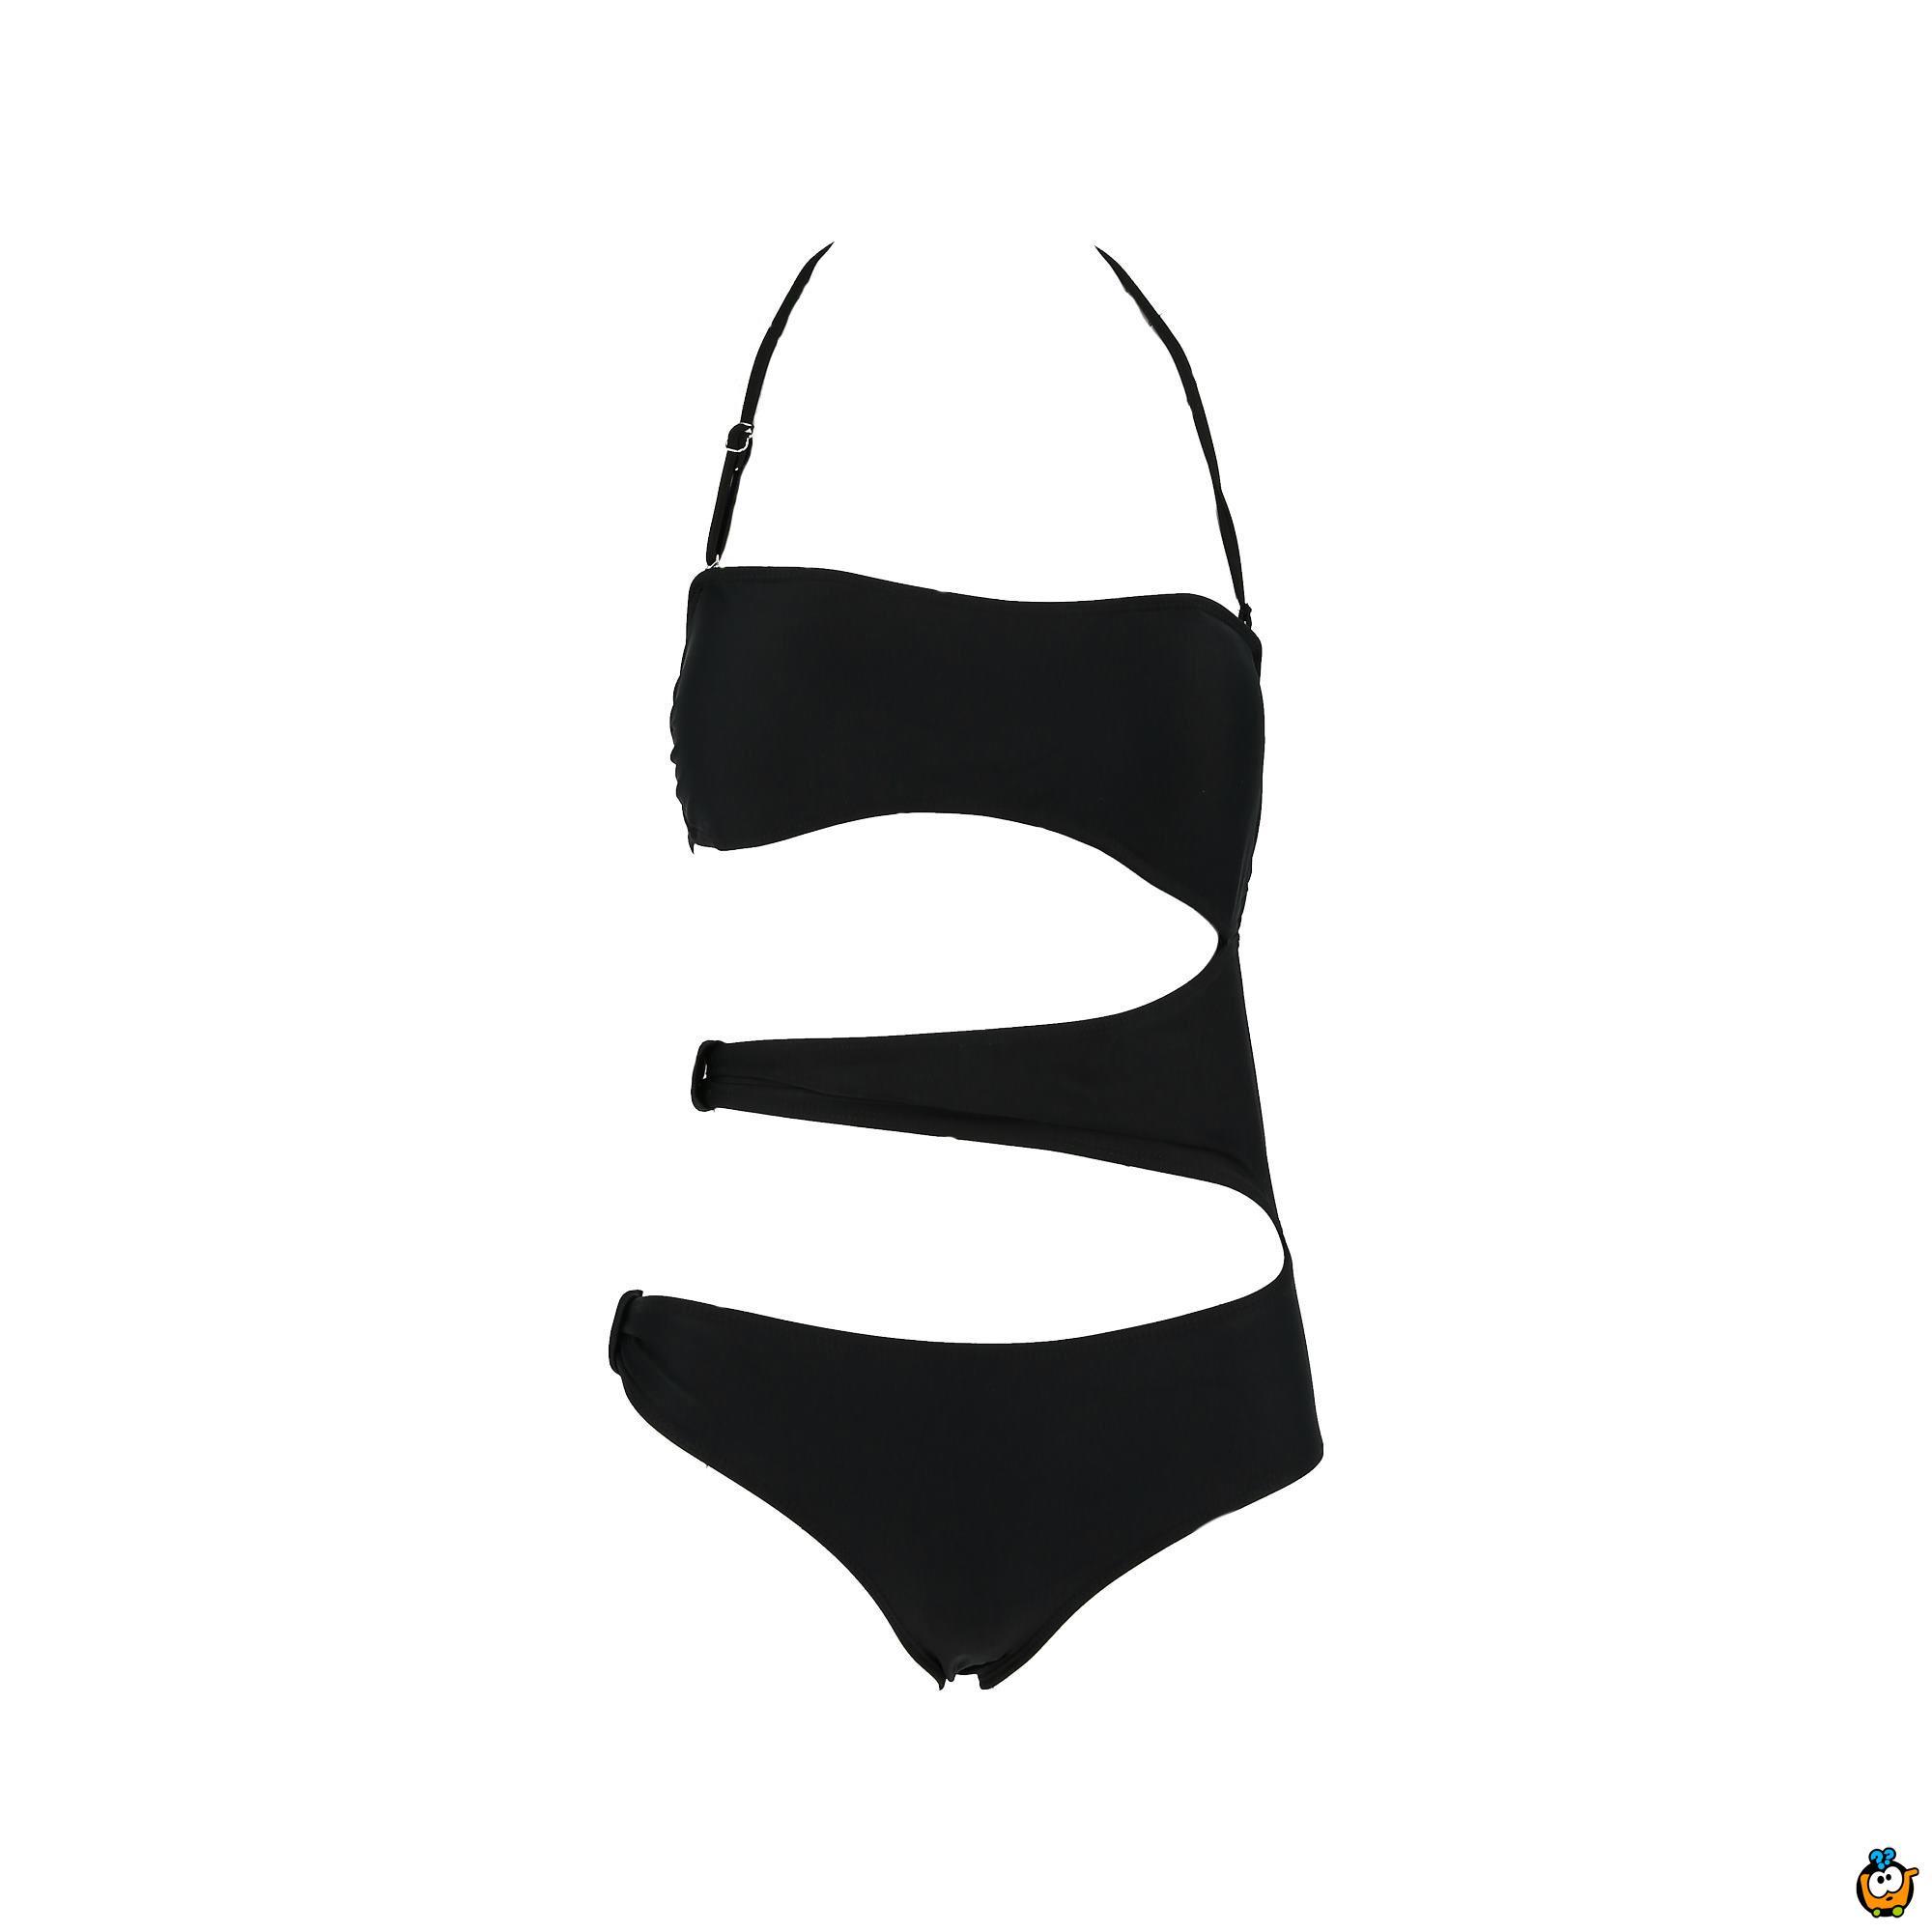 Jednodelni ženski kupaći kostim- RIBBED HOT